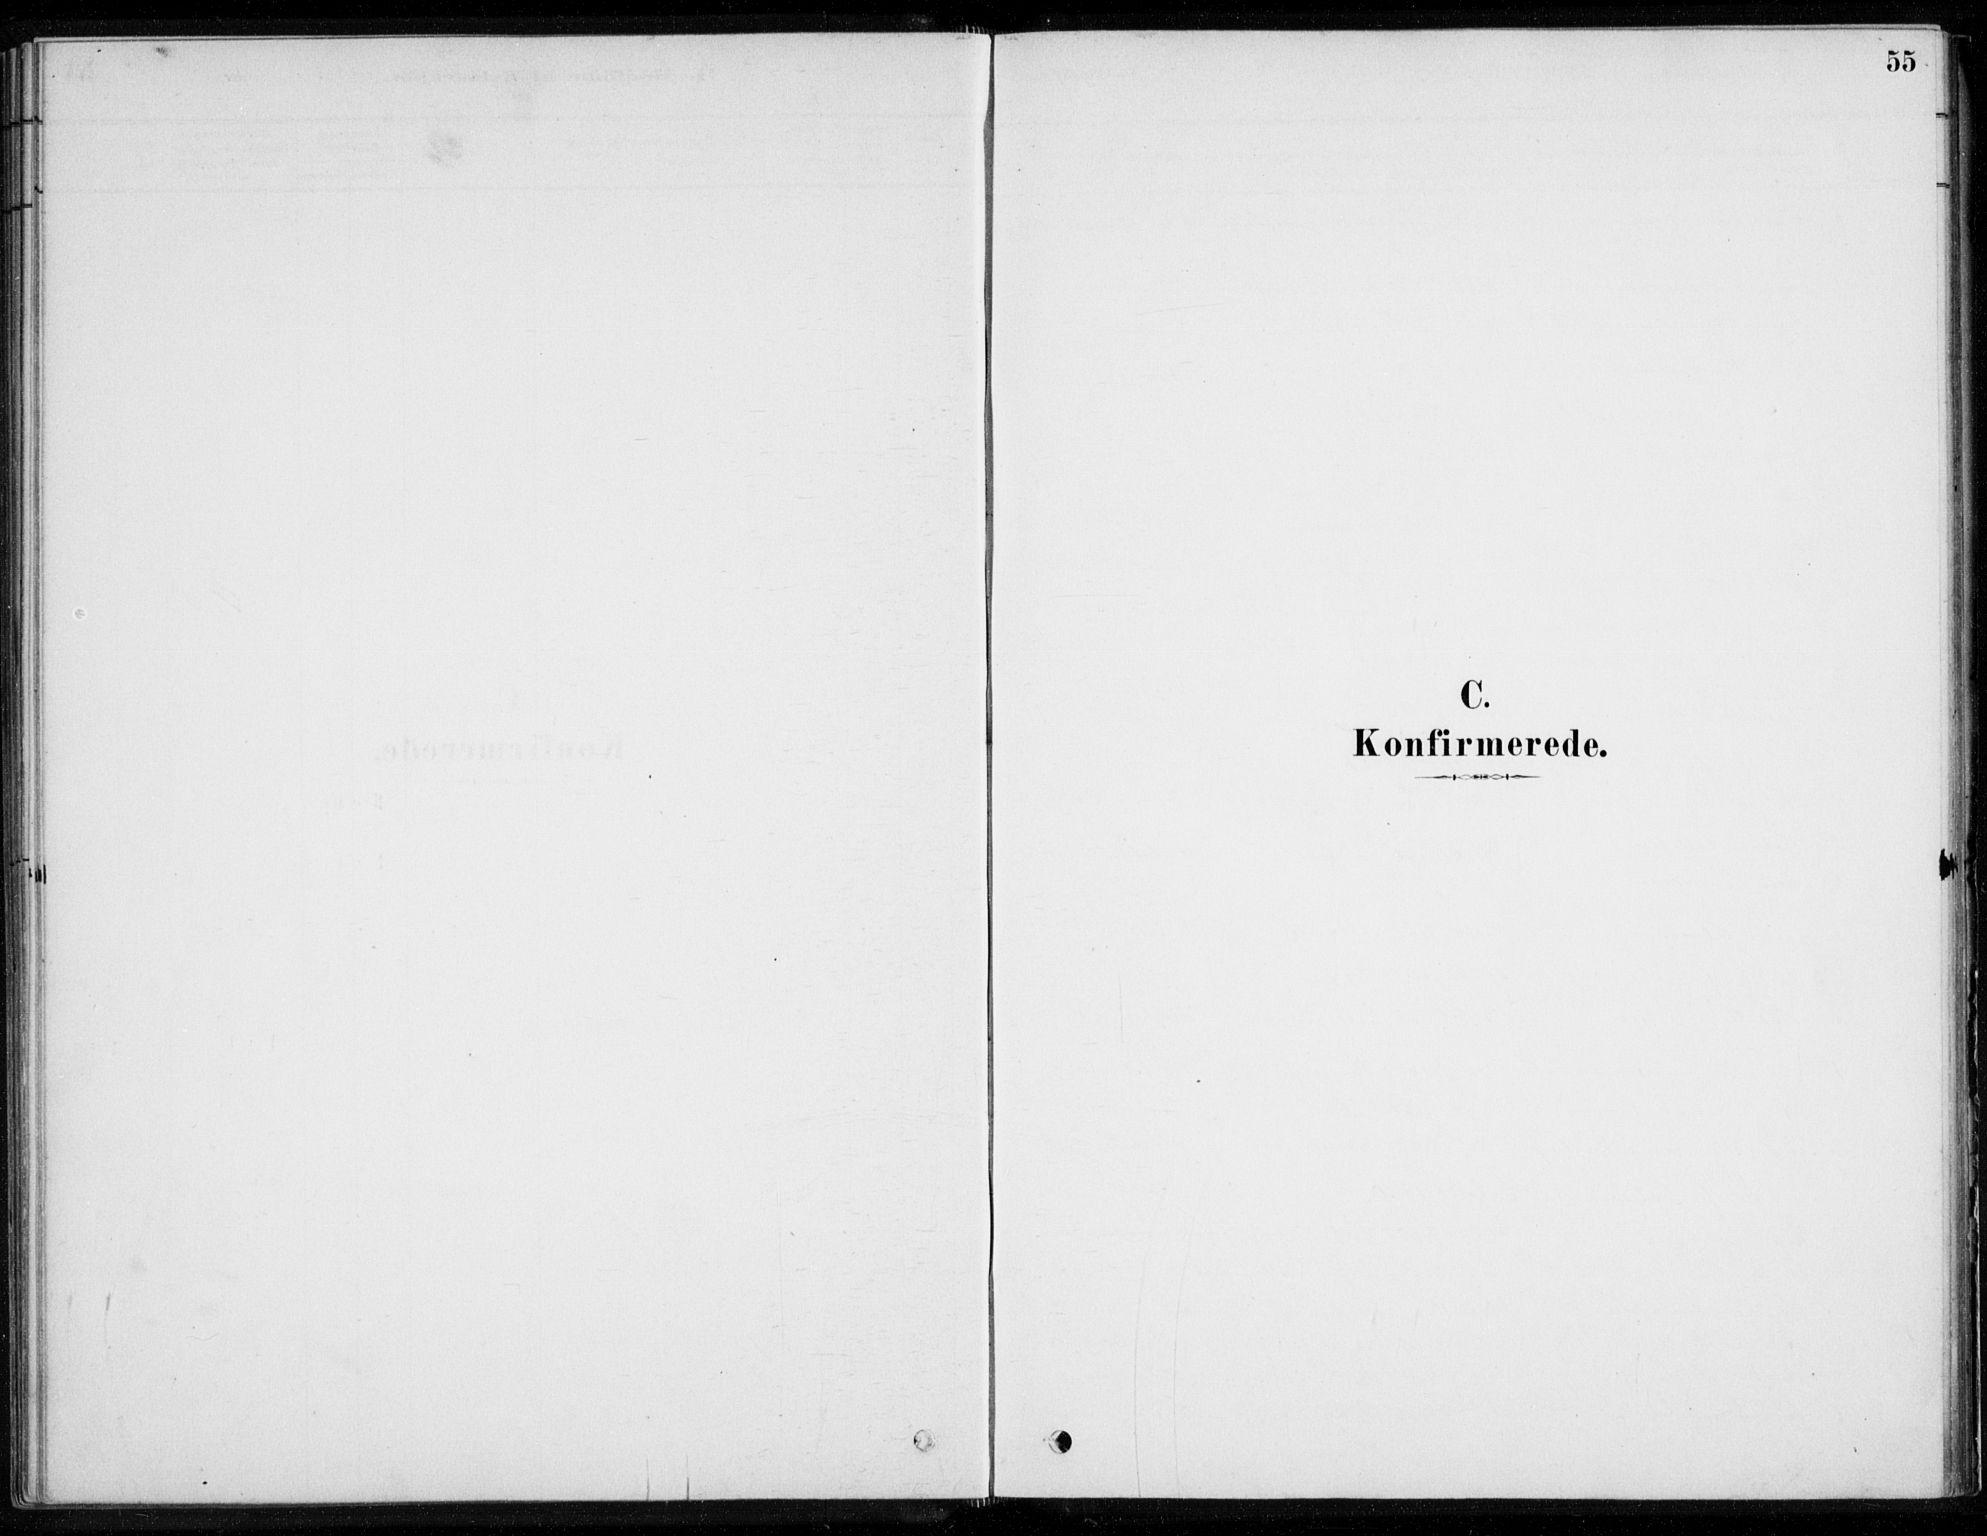 SAKO, Åssiden kirkebøker, F/Fa/L0001: Ministerialbok nr. 1, 1878-1904, s. 55